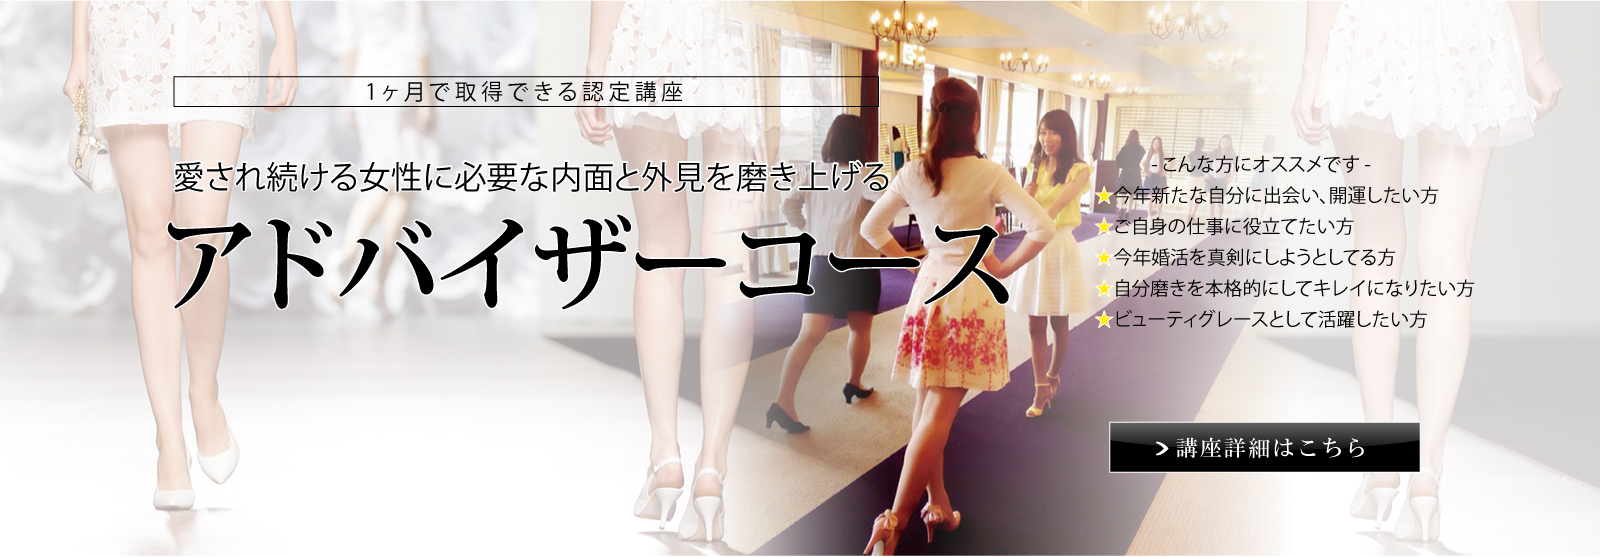 【随時・対面】開運セルフマネージメント講座/講師 吉原亜美